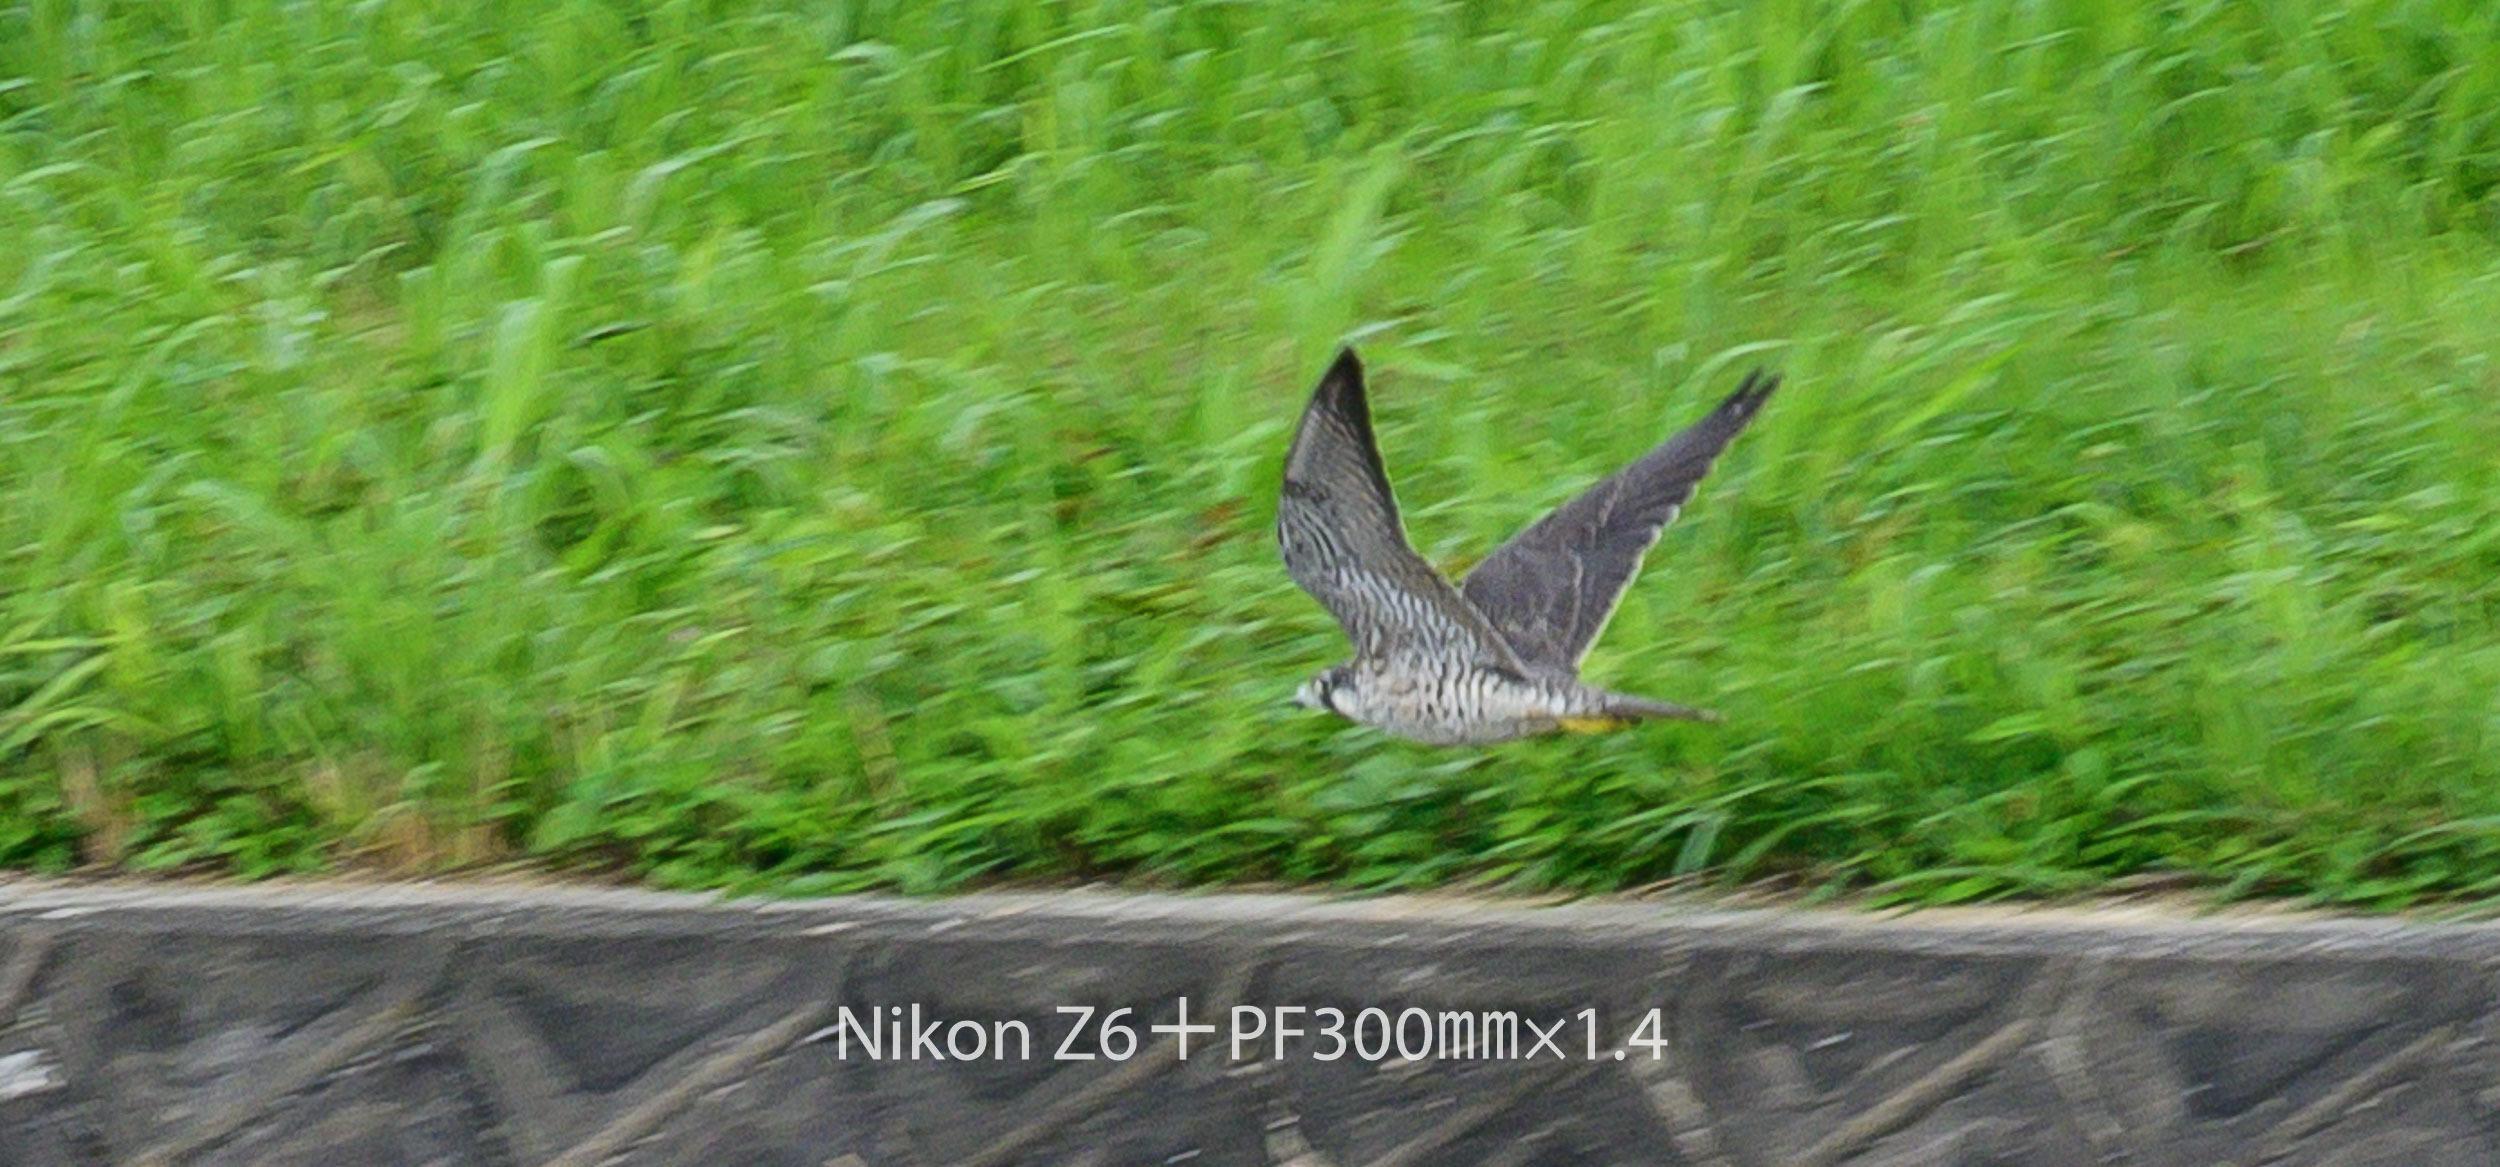 191007 ハヤブサ-01 NIKON Z 6 ISO 560 420 mm 1385 x 646